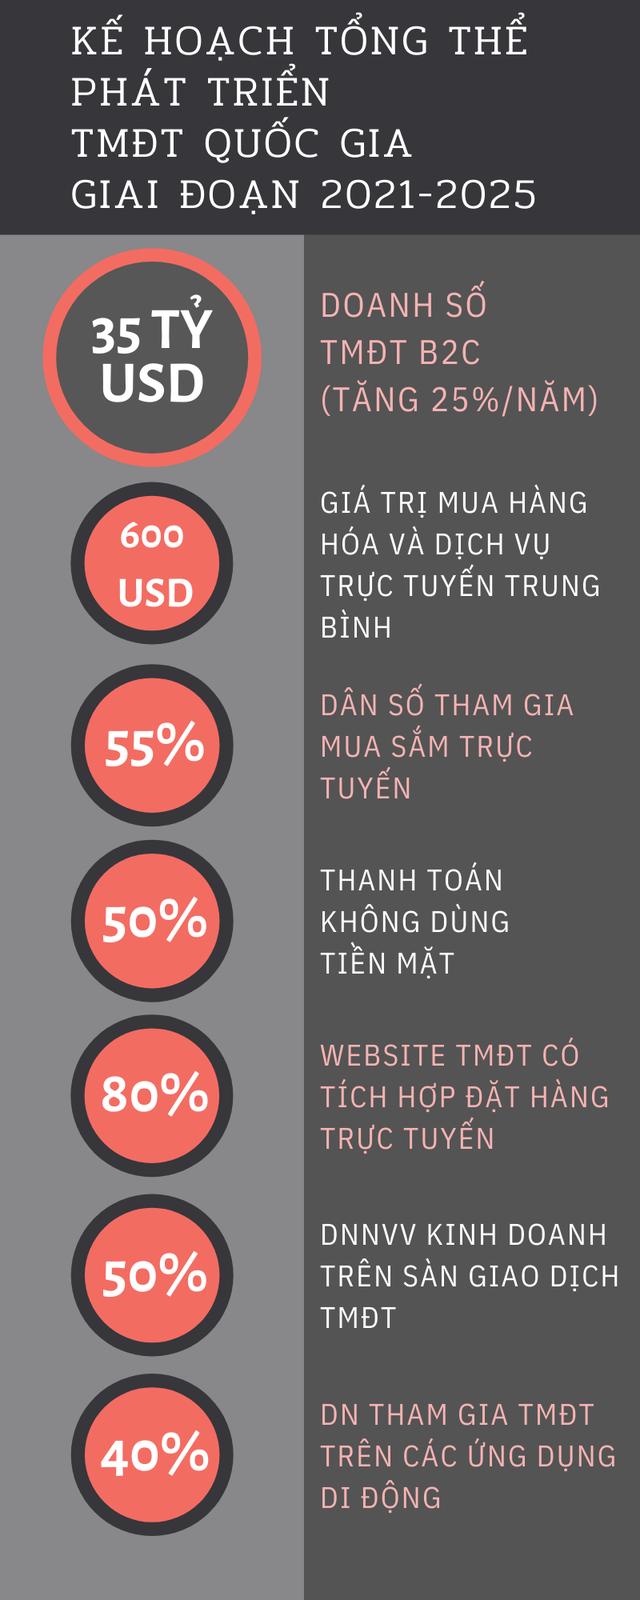 Kế hoạch đến năm 2025, doanh số thương mại điện tử B2C Việt Nam đạt 35 tỷ USD, 50% thanh toán không dùng tiền mặt - Ảnh 1.